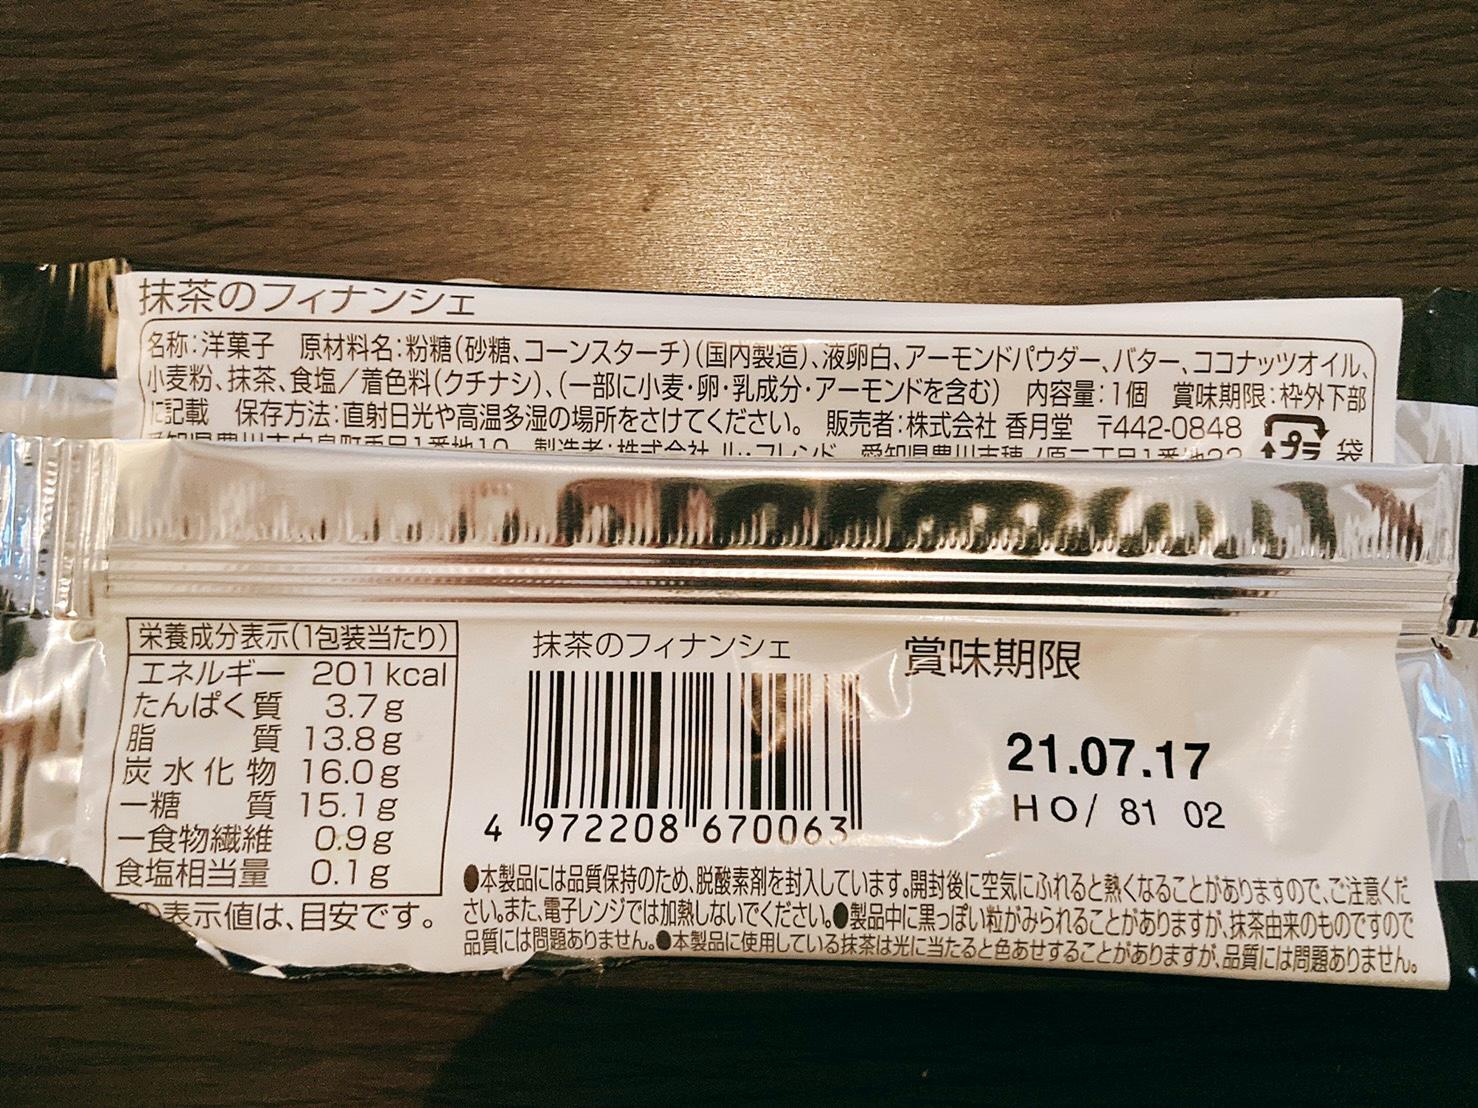 【新発売】抹茶焼き菓子3種食べ比べ!ファミマの宇治抹茶づくしレポ第2弾【食レポ】_11